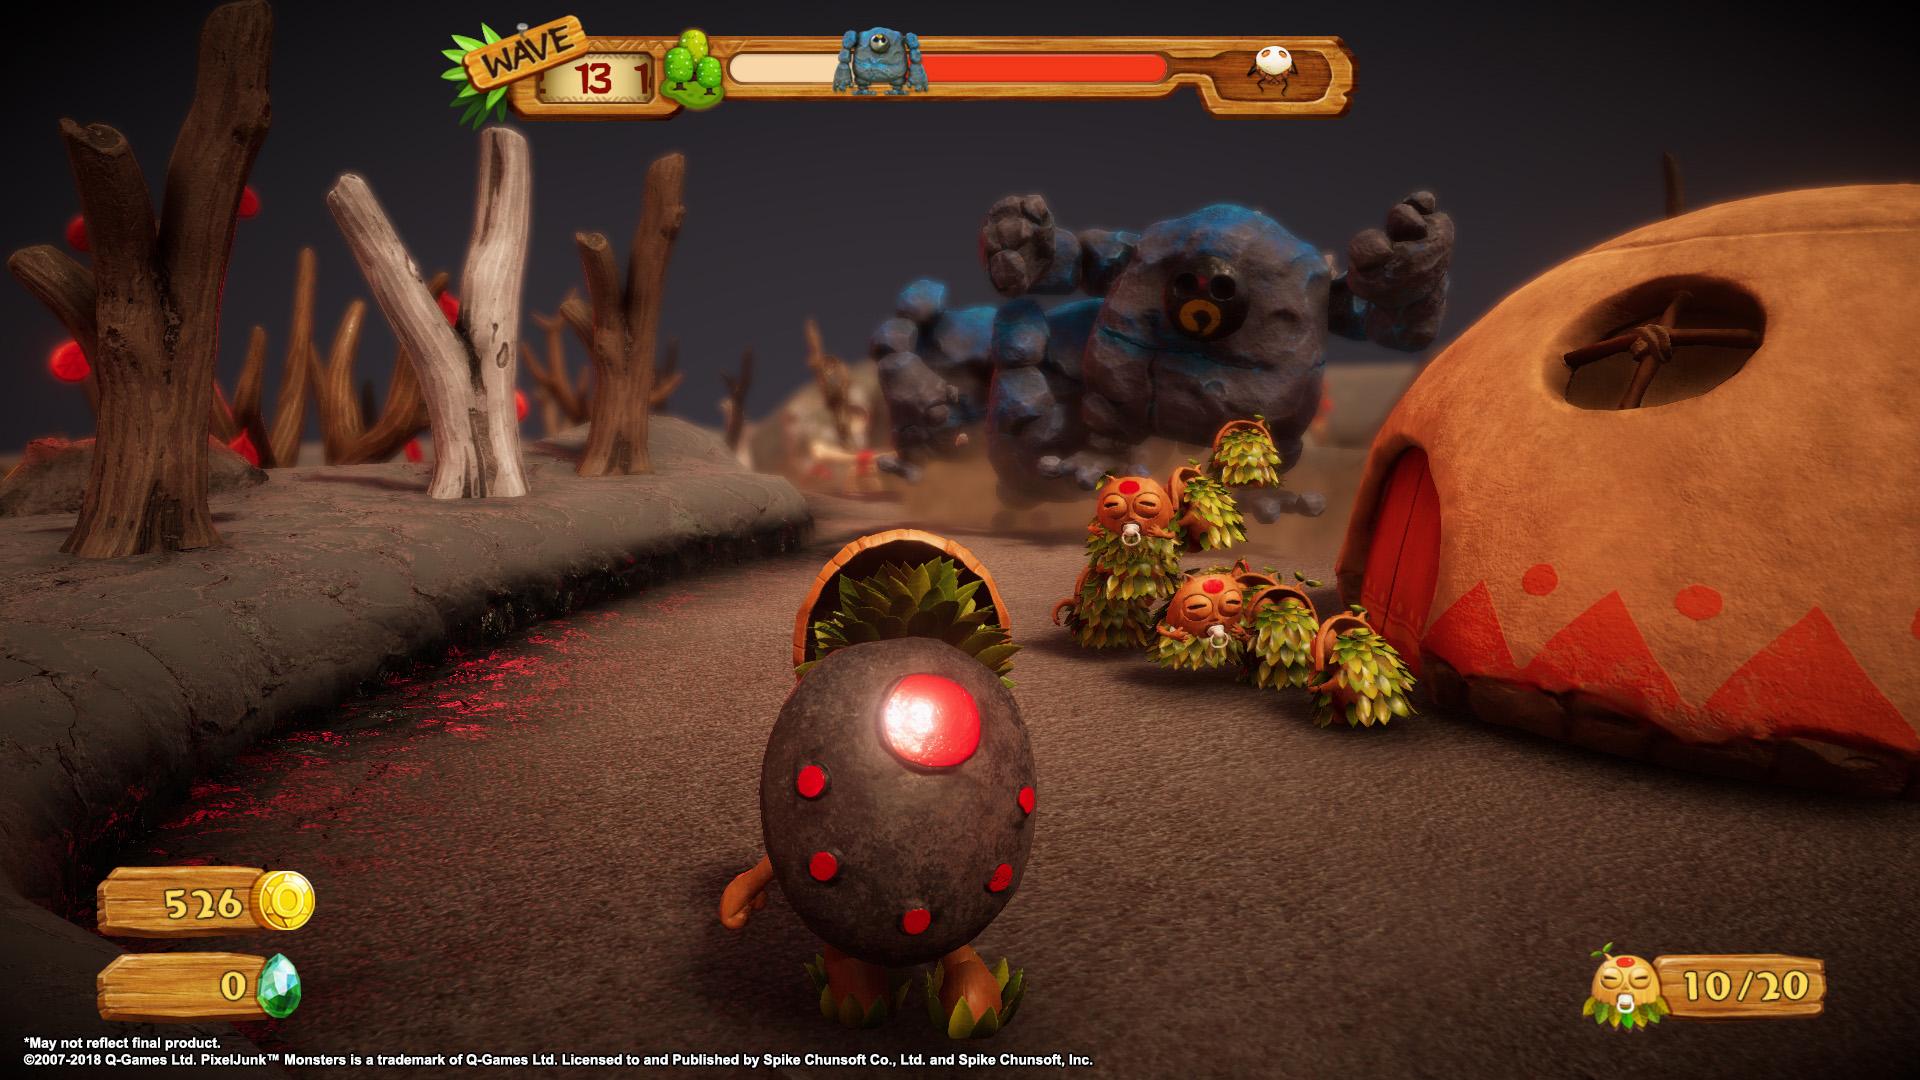 像素垃圾 怪物2 - 游戏时光vgtime